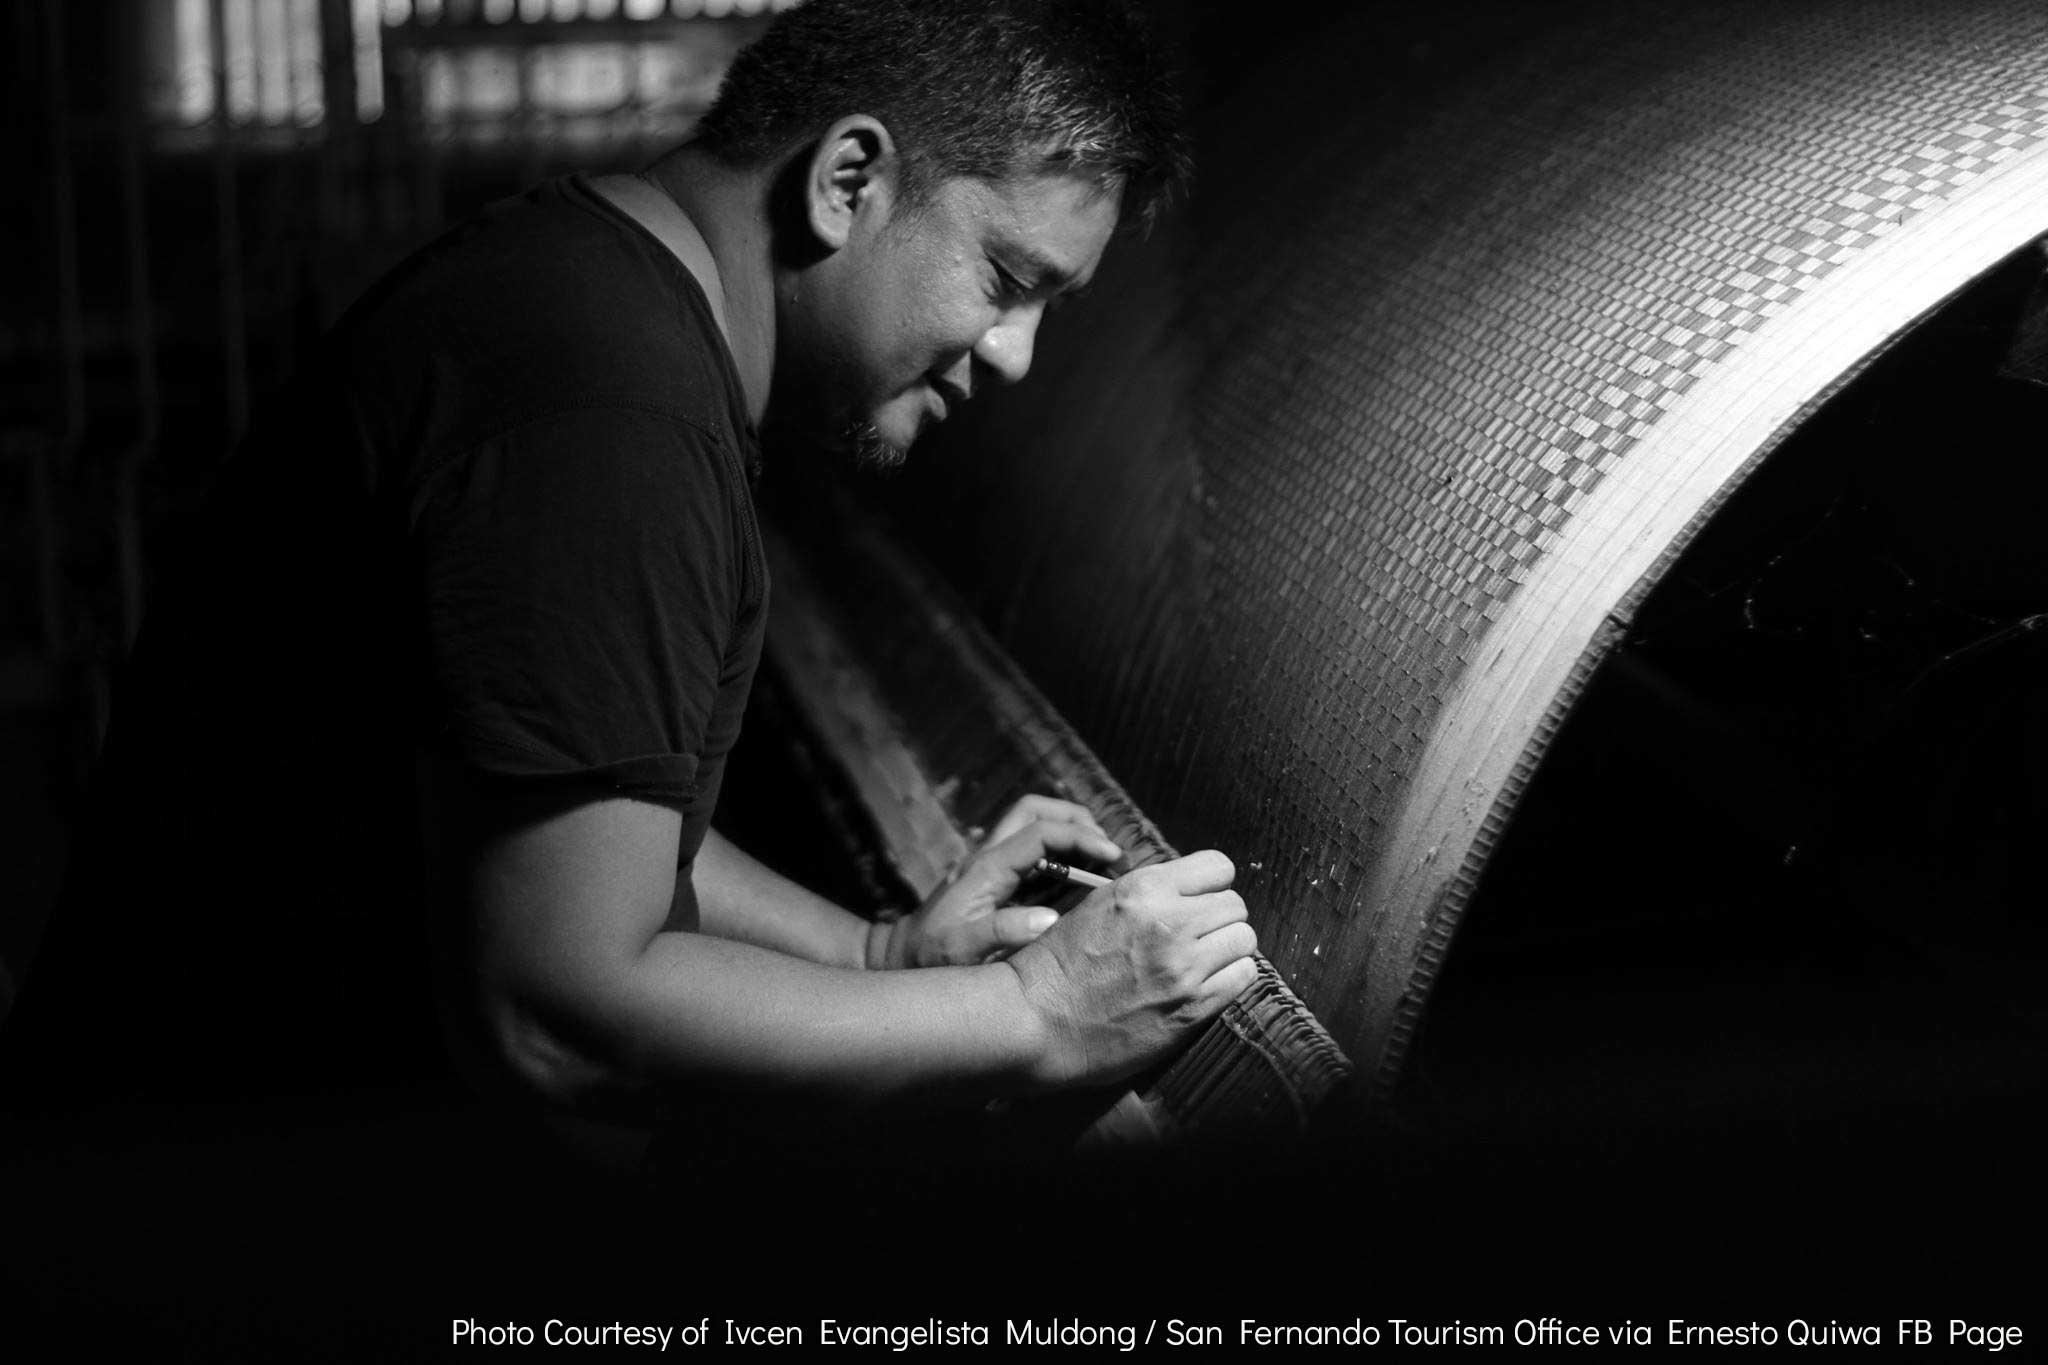 parol maker pampanga quiwa